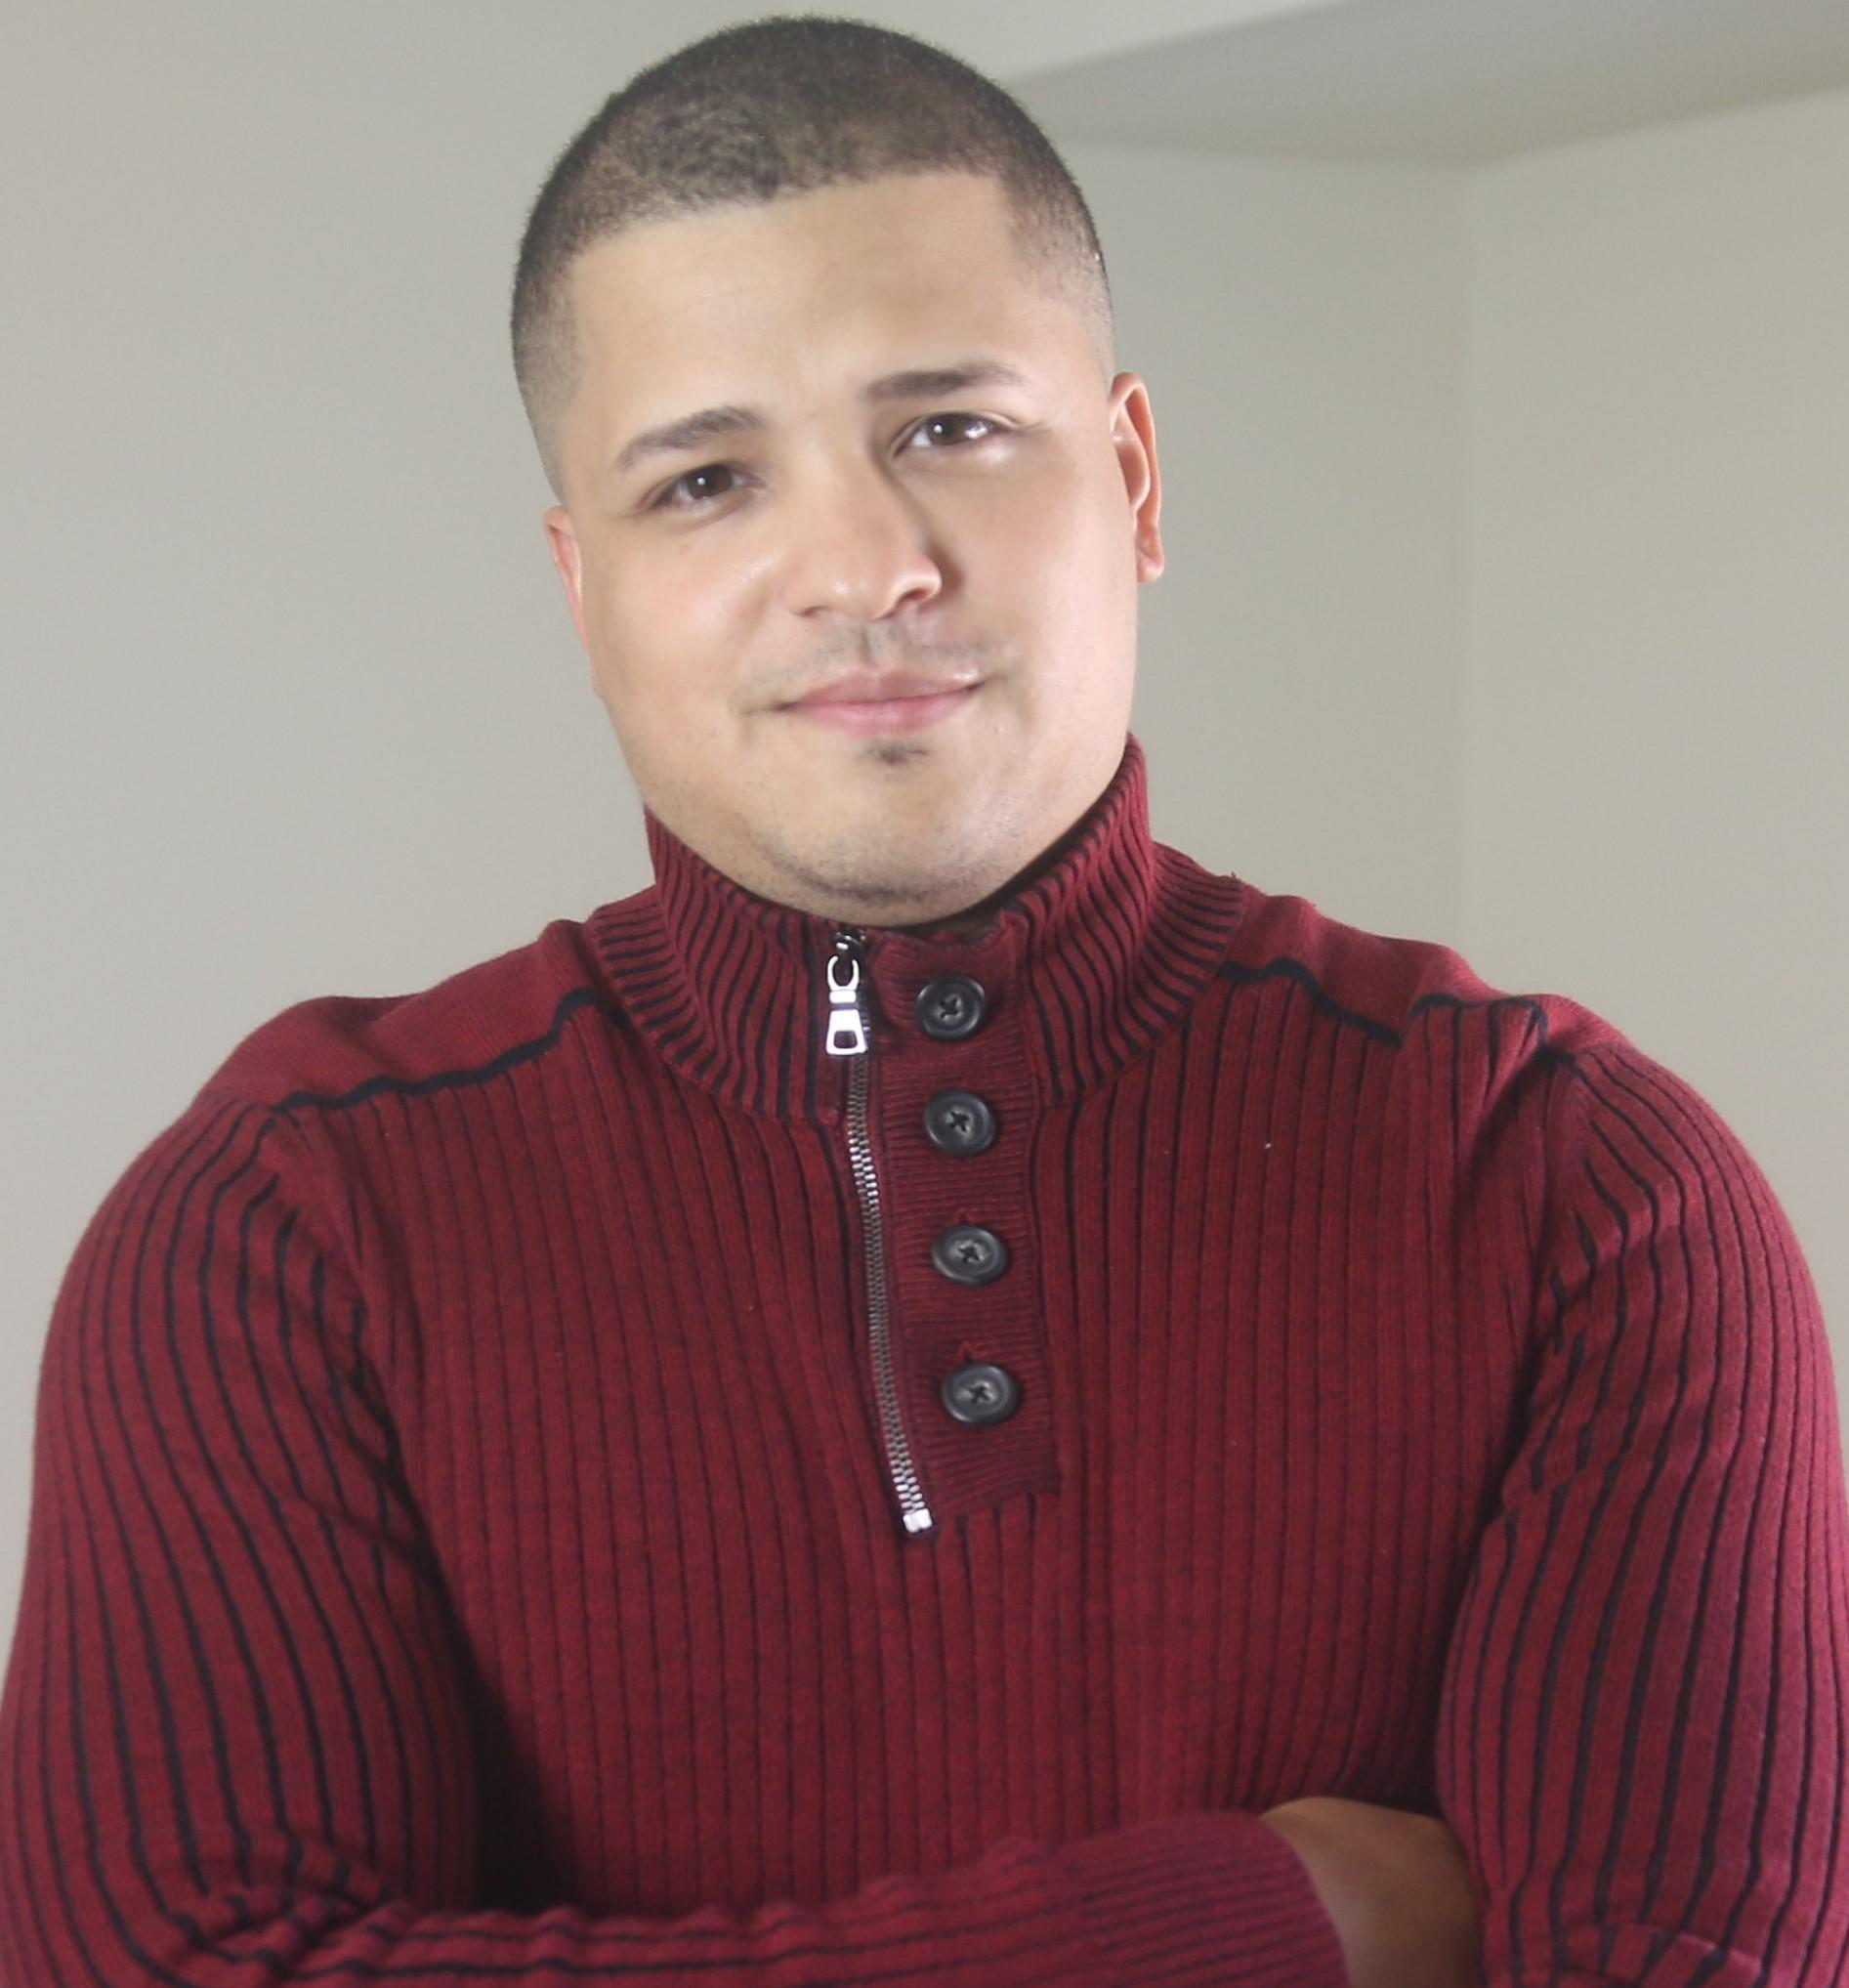 Carlos DeJesus